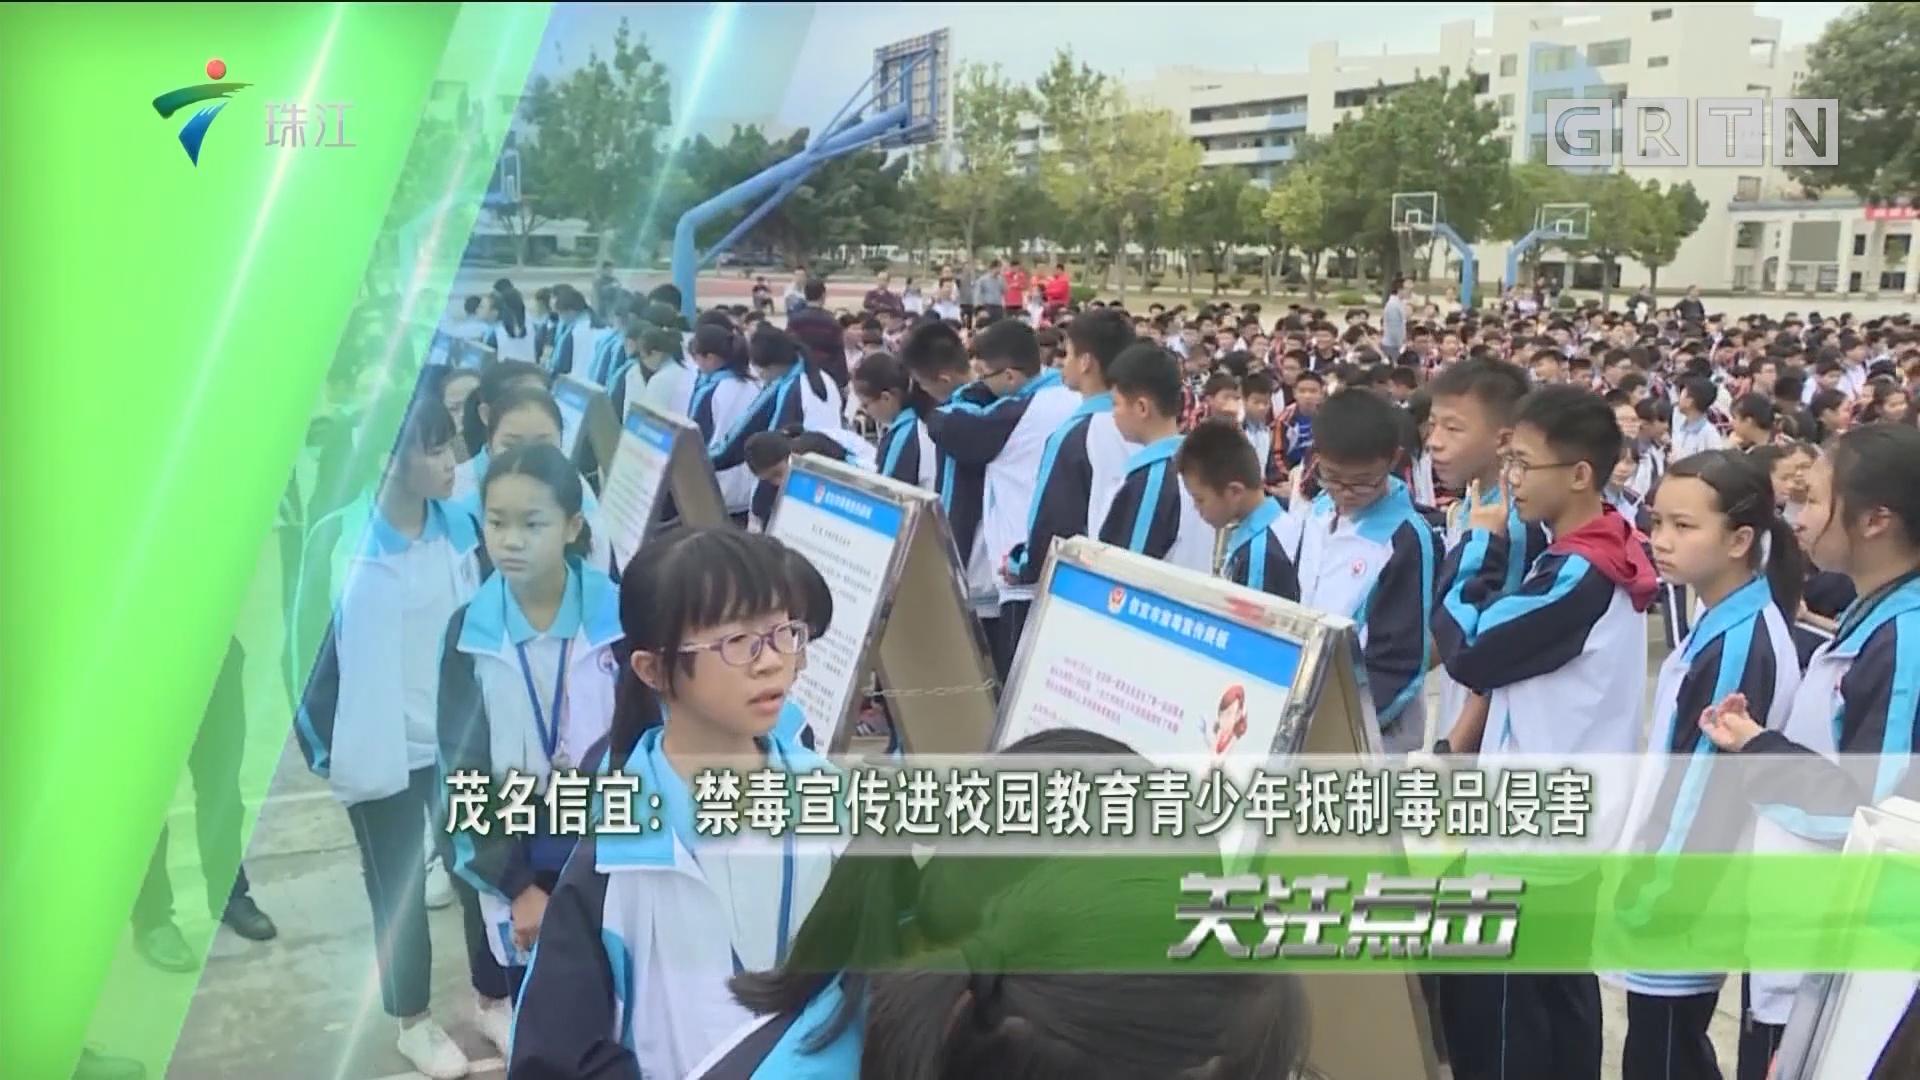 茂名信宜:禁毒宣传进校园教育青少年抵制毒品侵害